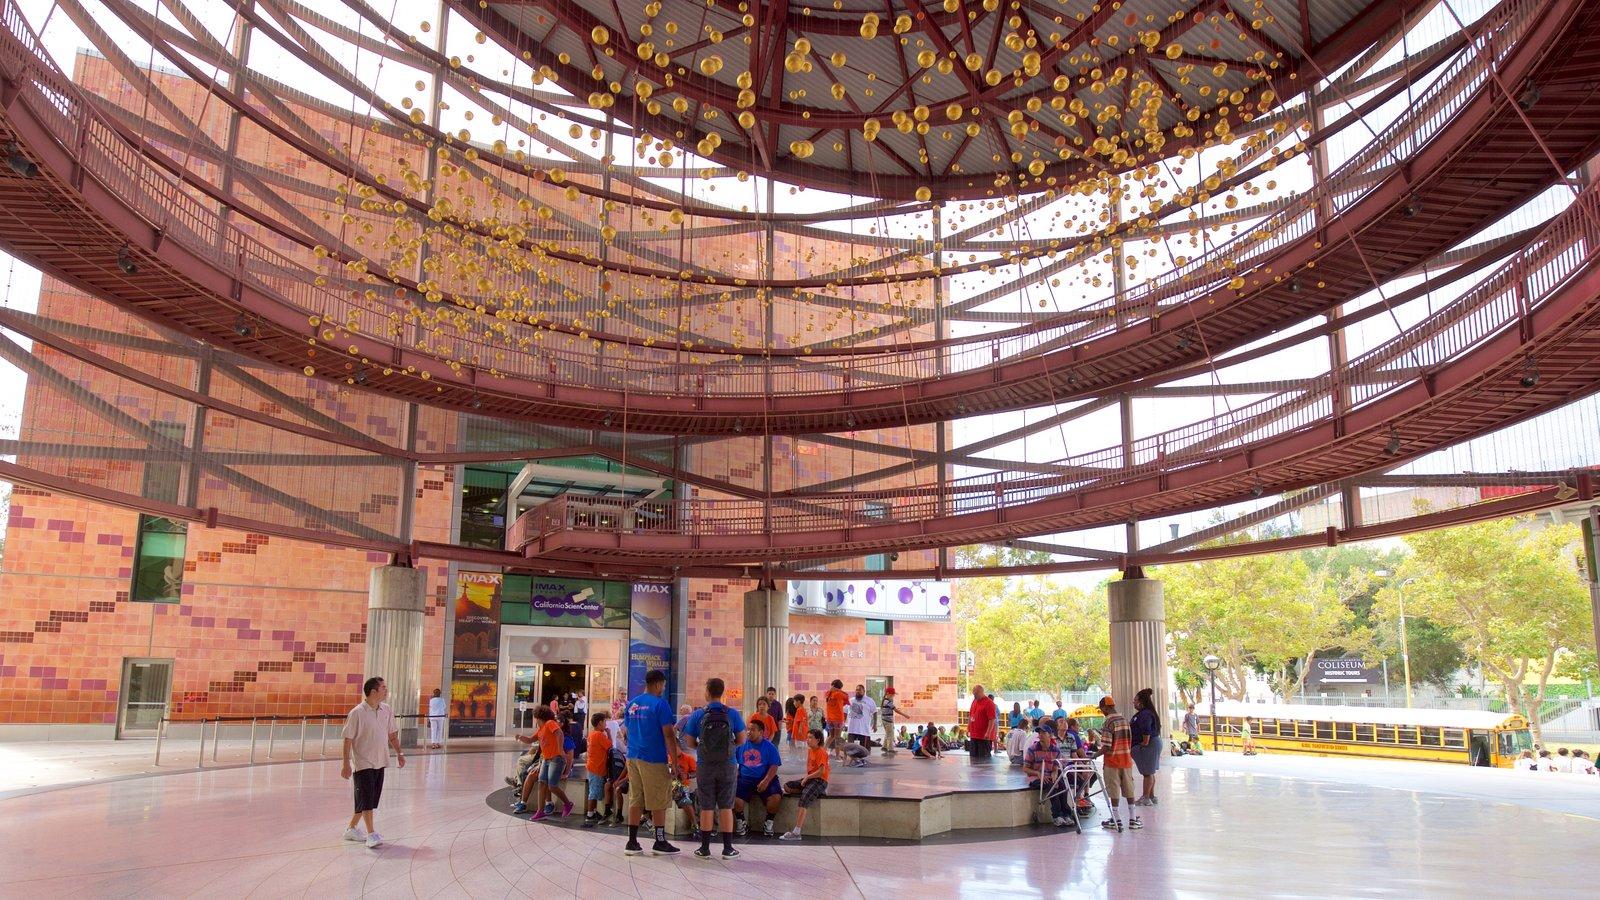 Museo California Science Center mostrando vistas interiores y también un gran grupo de personas